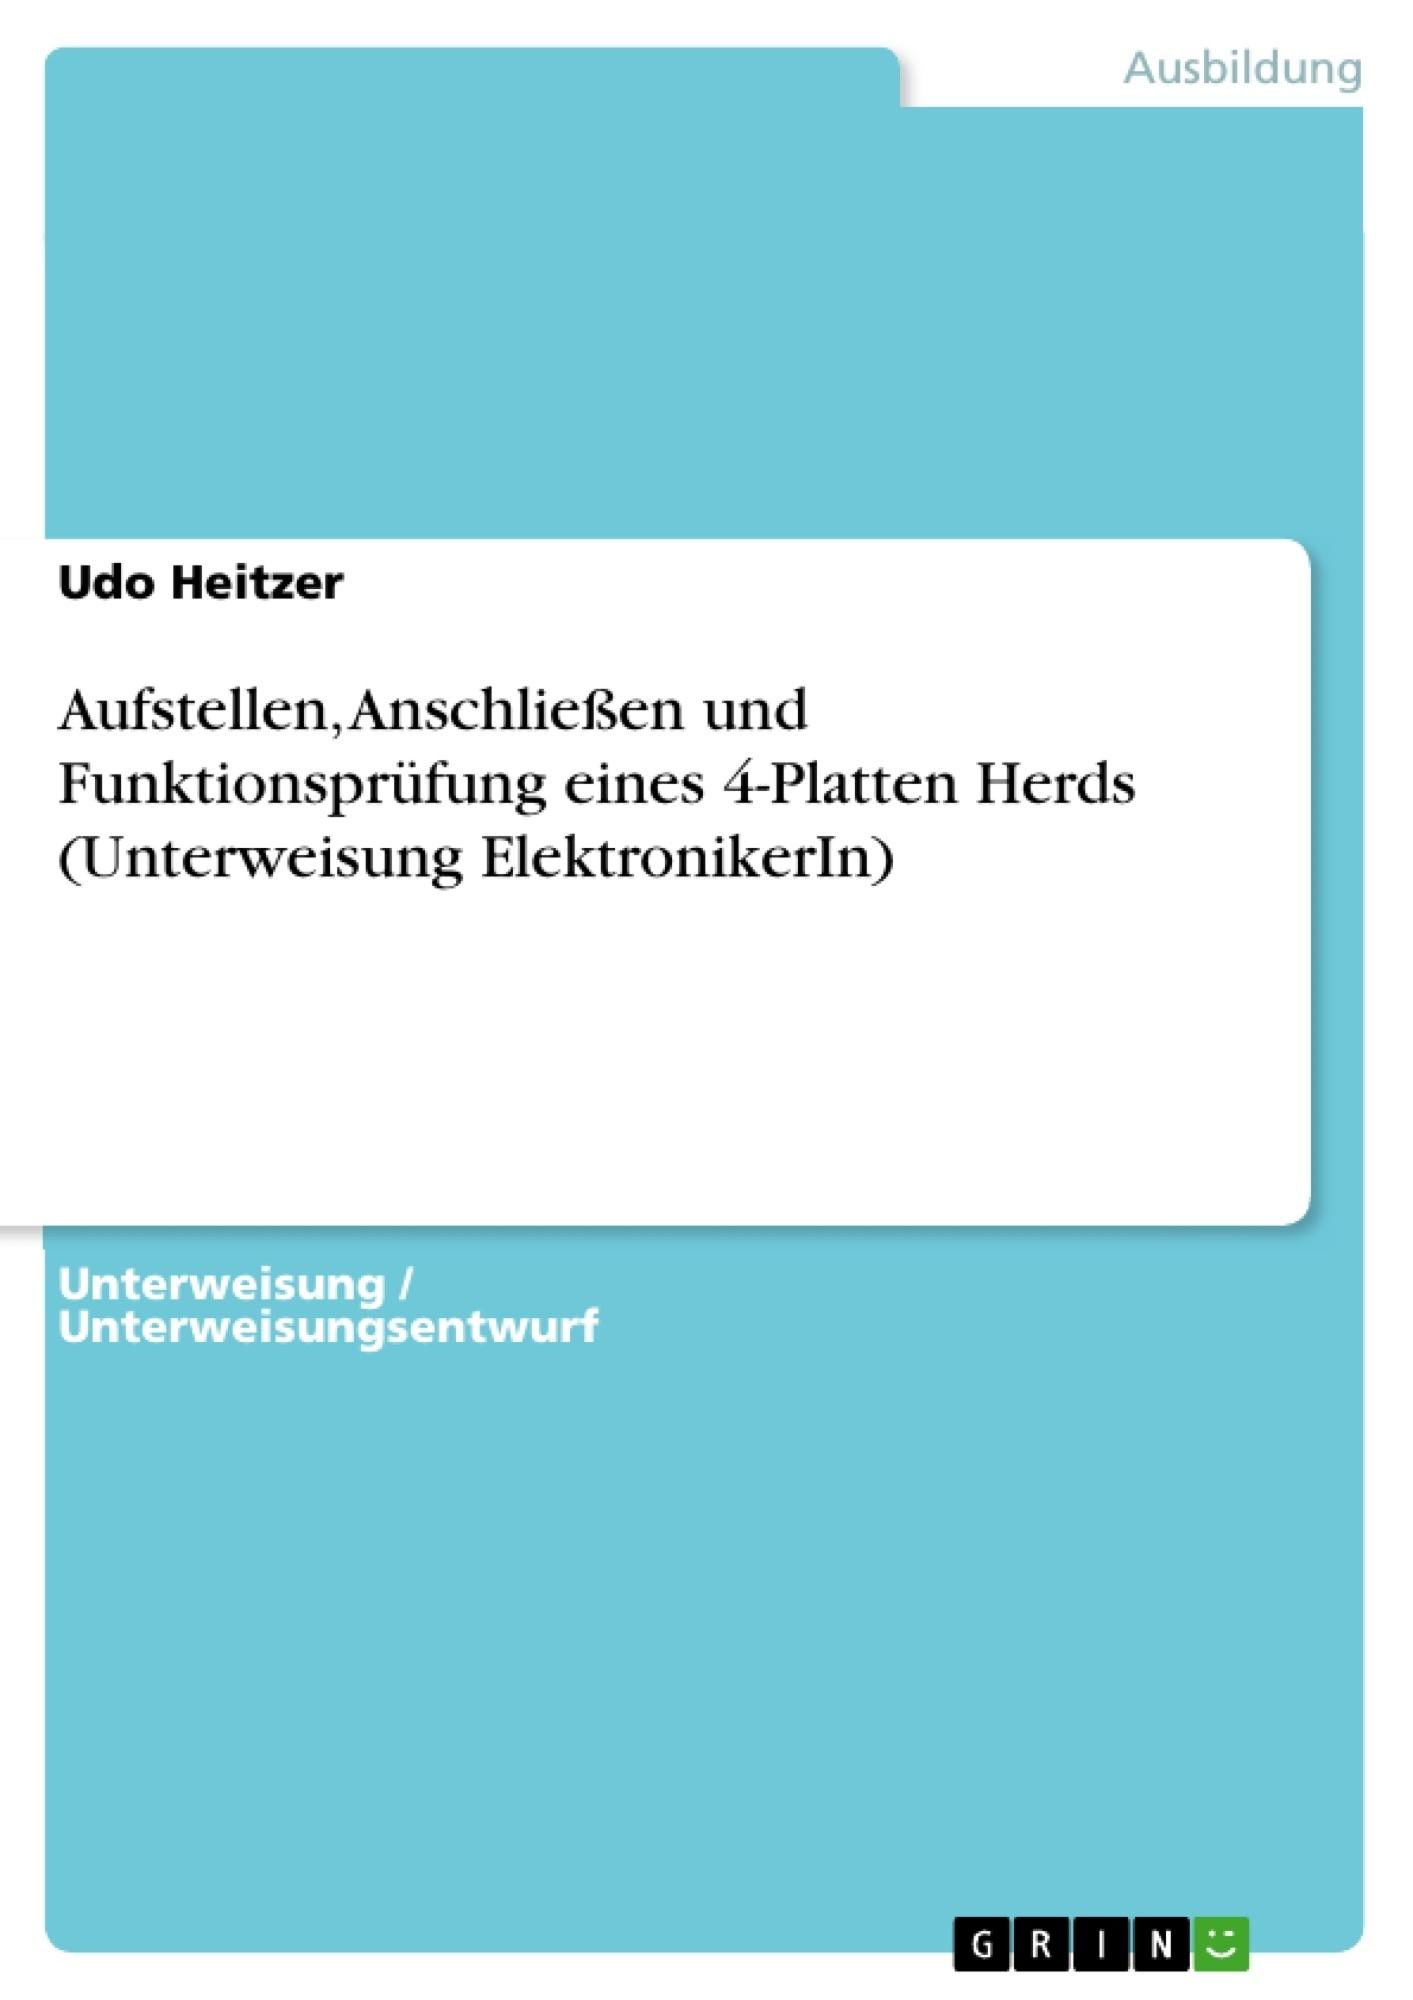 Titel: Aufstellen, Anschließen und Funktionsprüfung eines 4-Platten Herds (Unterweisung ElektronikerIn)